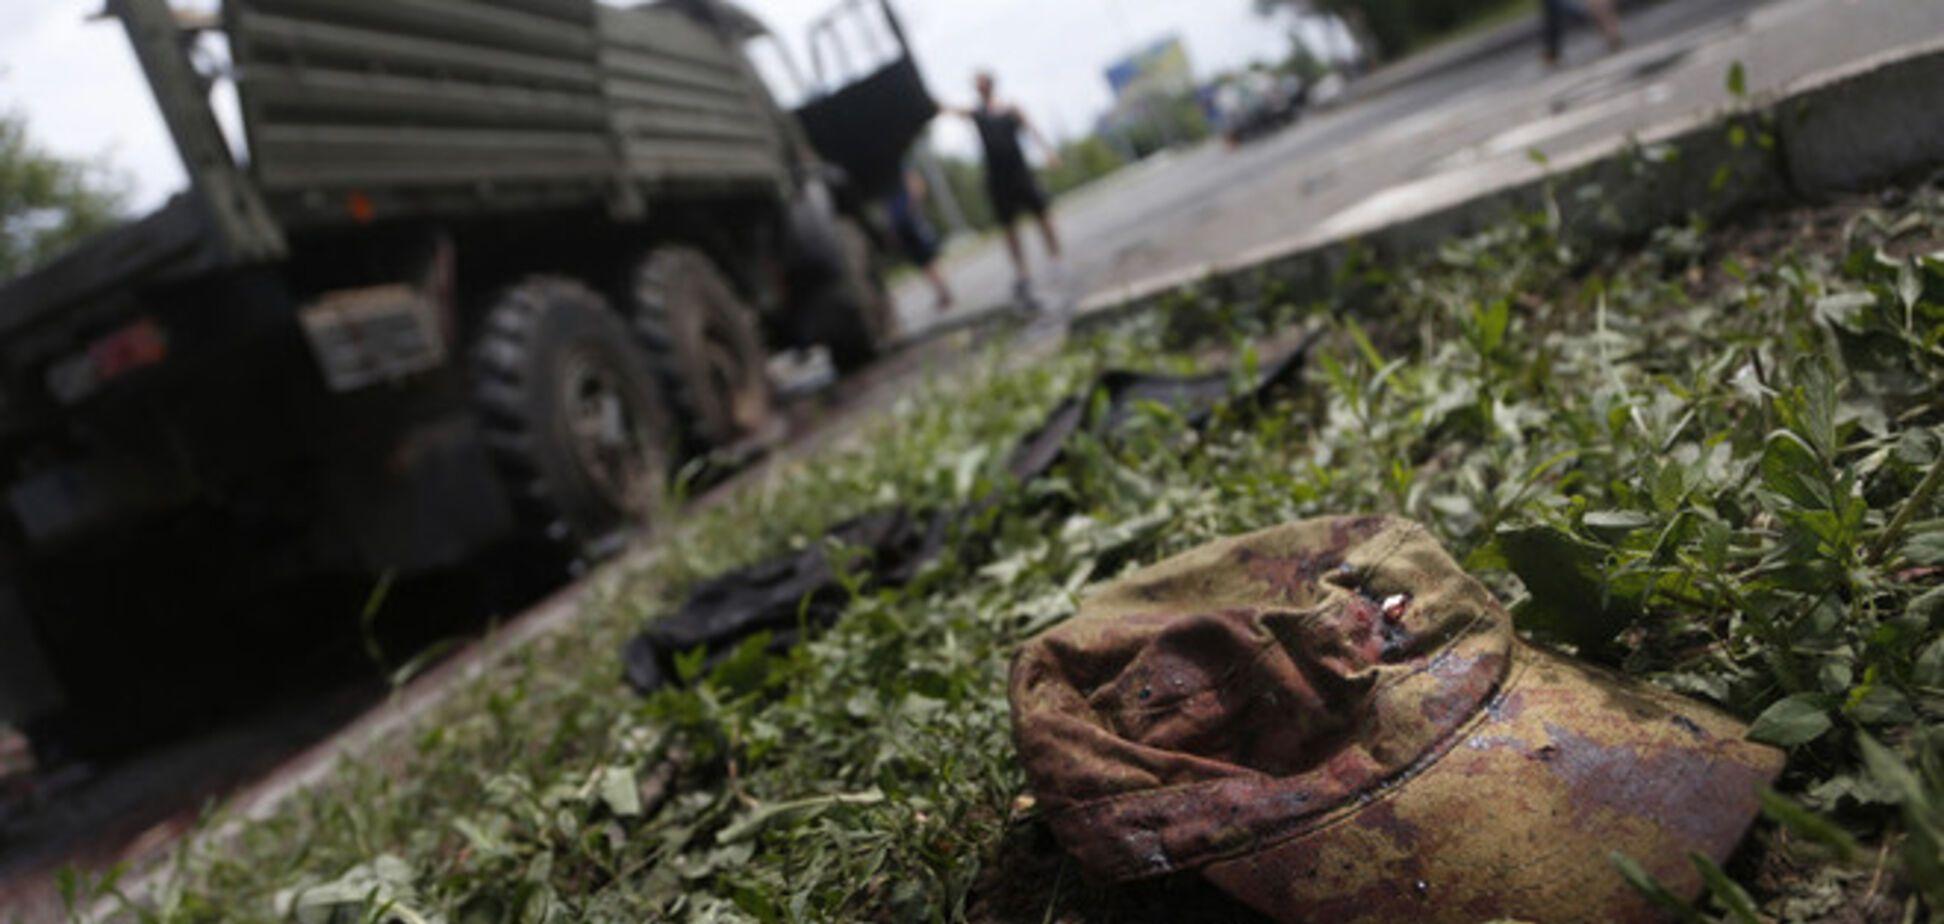 Ночью террористы обстреляли пункт пропуска на Луганщине - Госпогранслужба